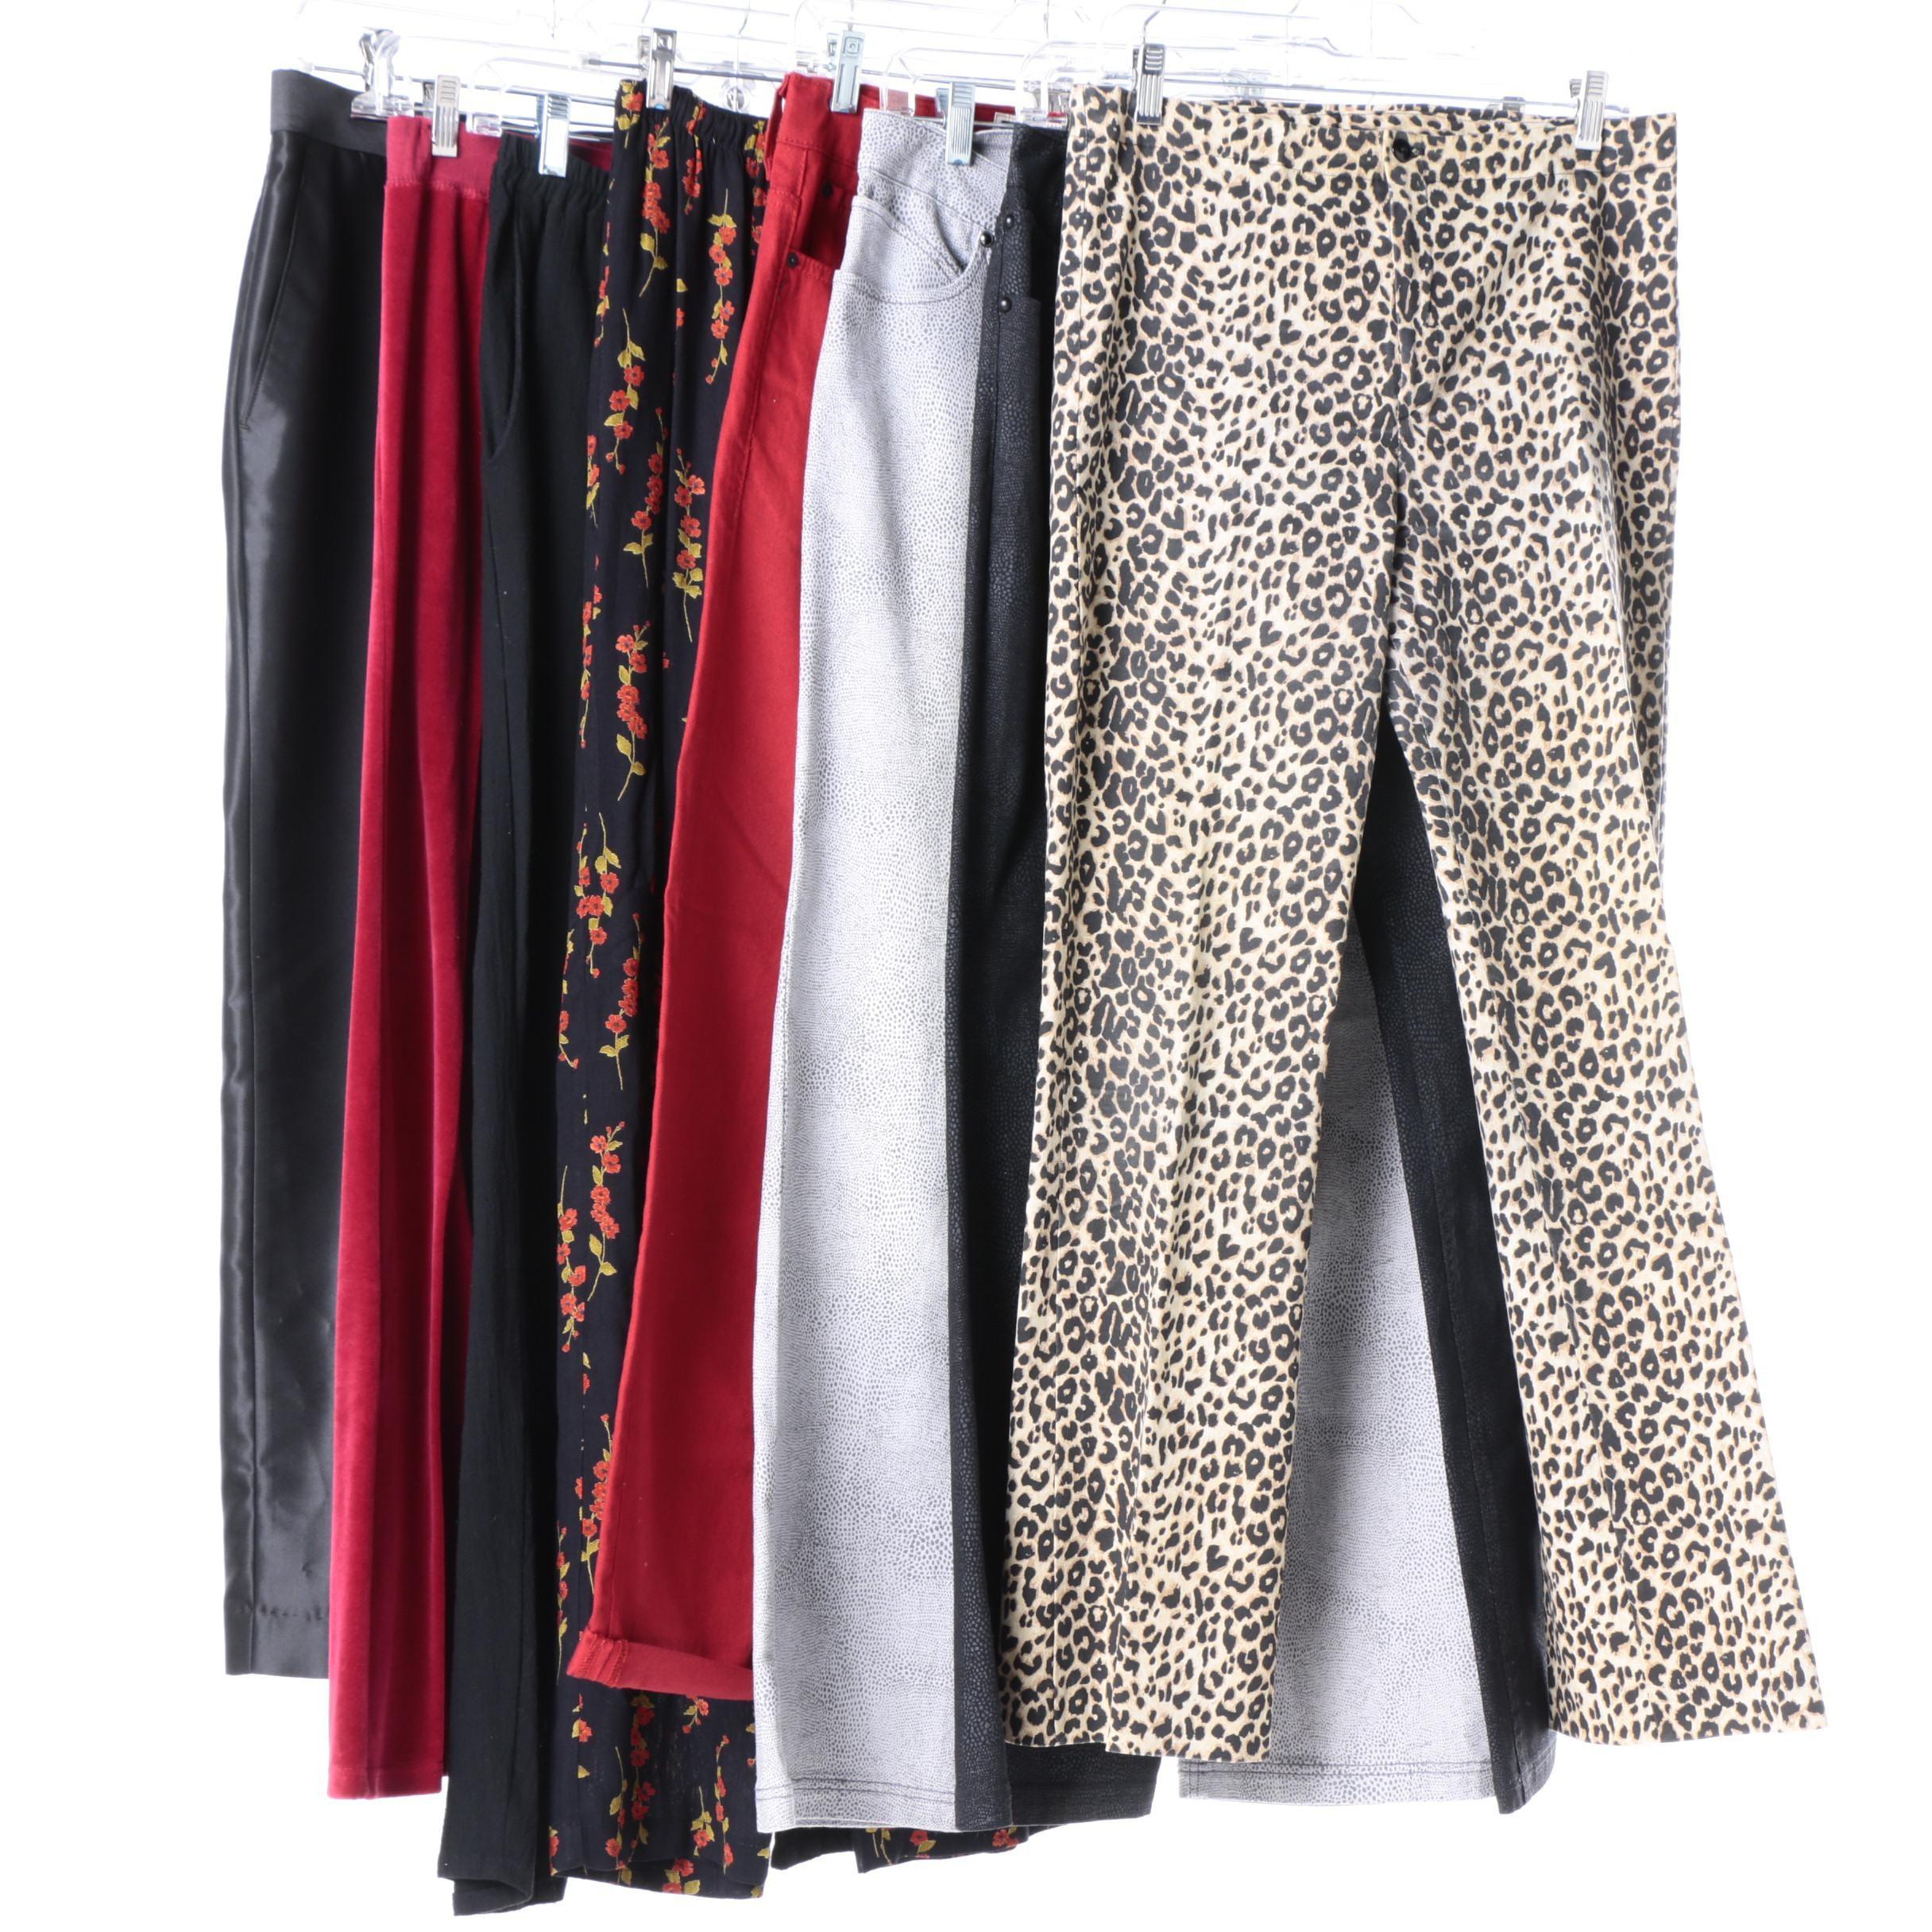 Women's Pants Including Levi's